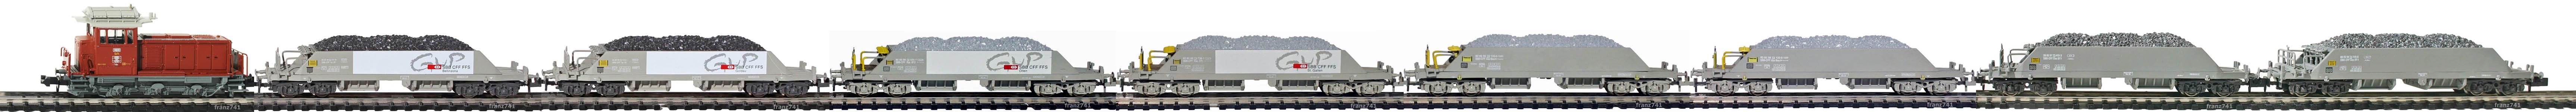 Epoche-IV-SBB-Neuschotter-Gueterzug_Em-3-3-Diesellok-Schotterwagen-Typ-Xas